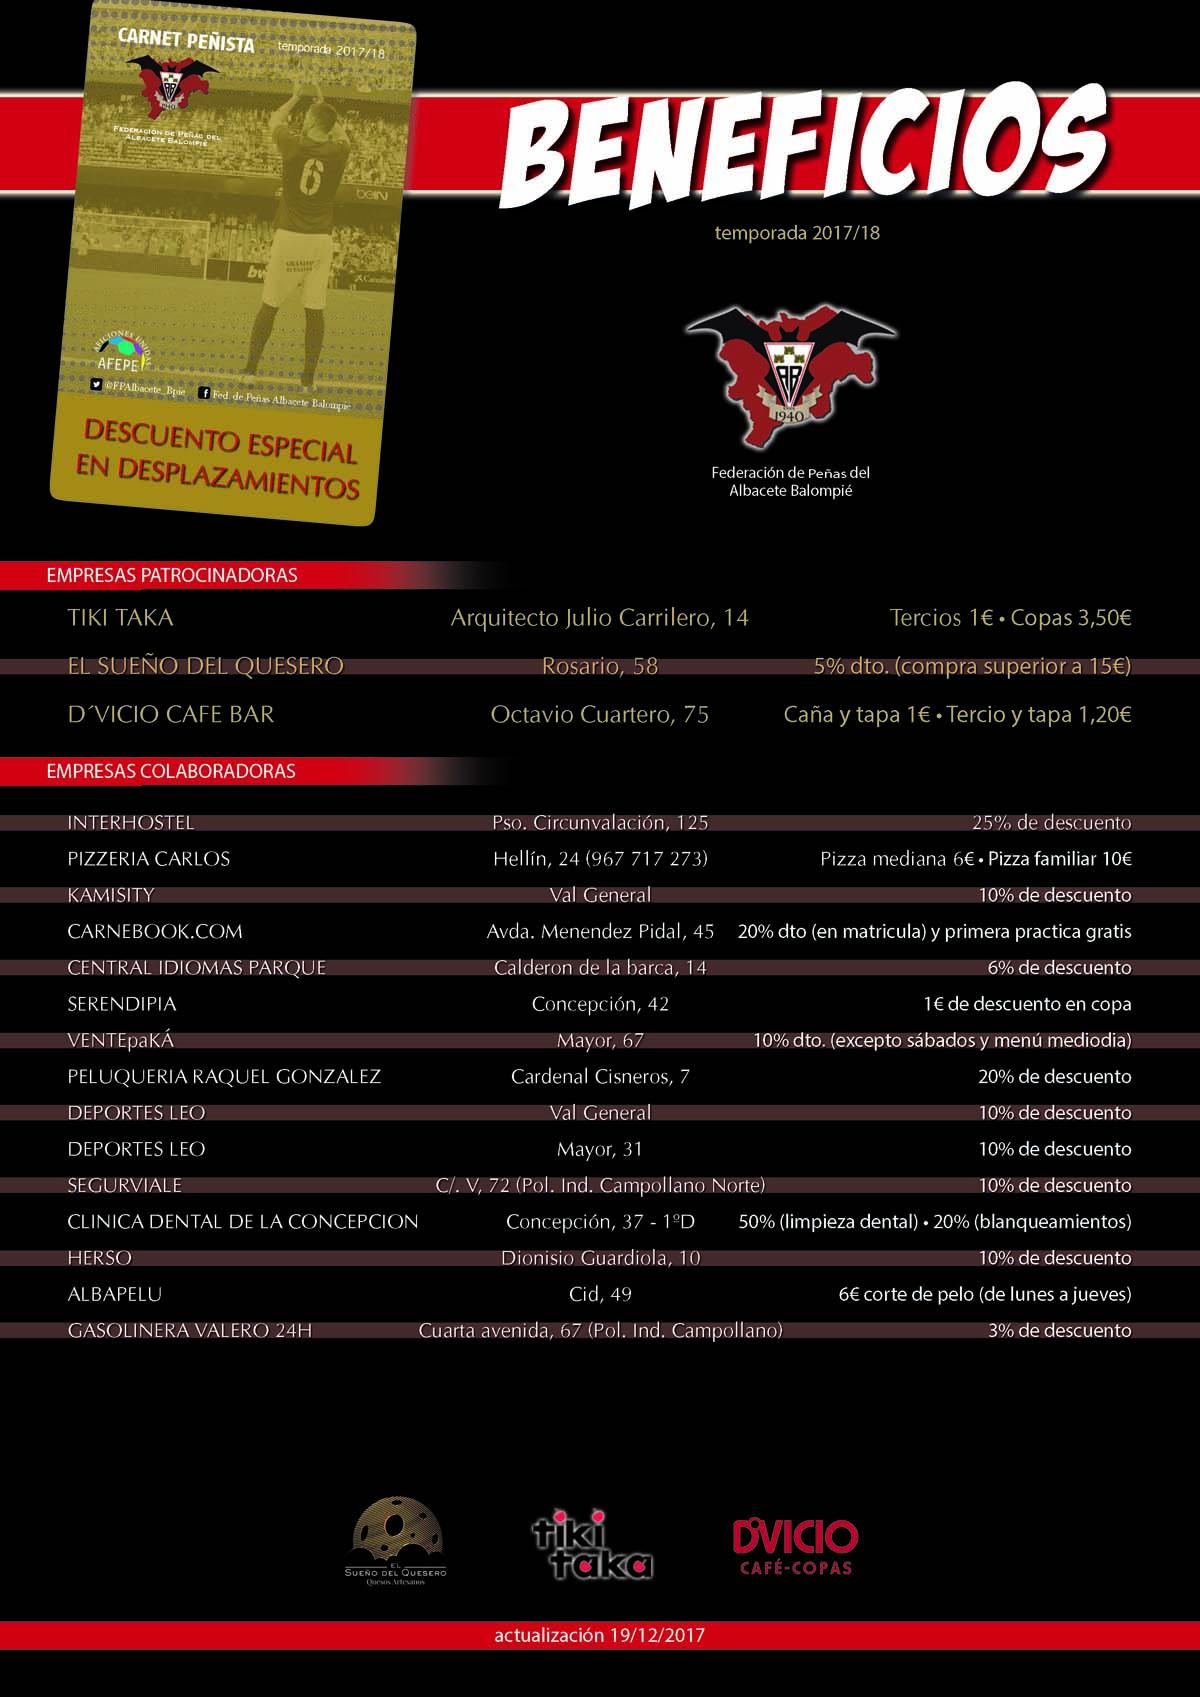 Carnet de la Federación de Peñas del Albacete Balompié